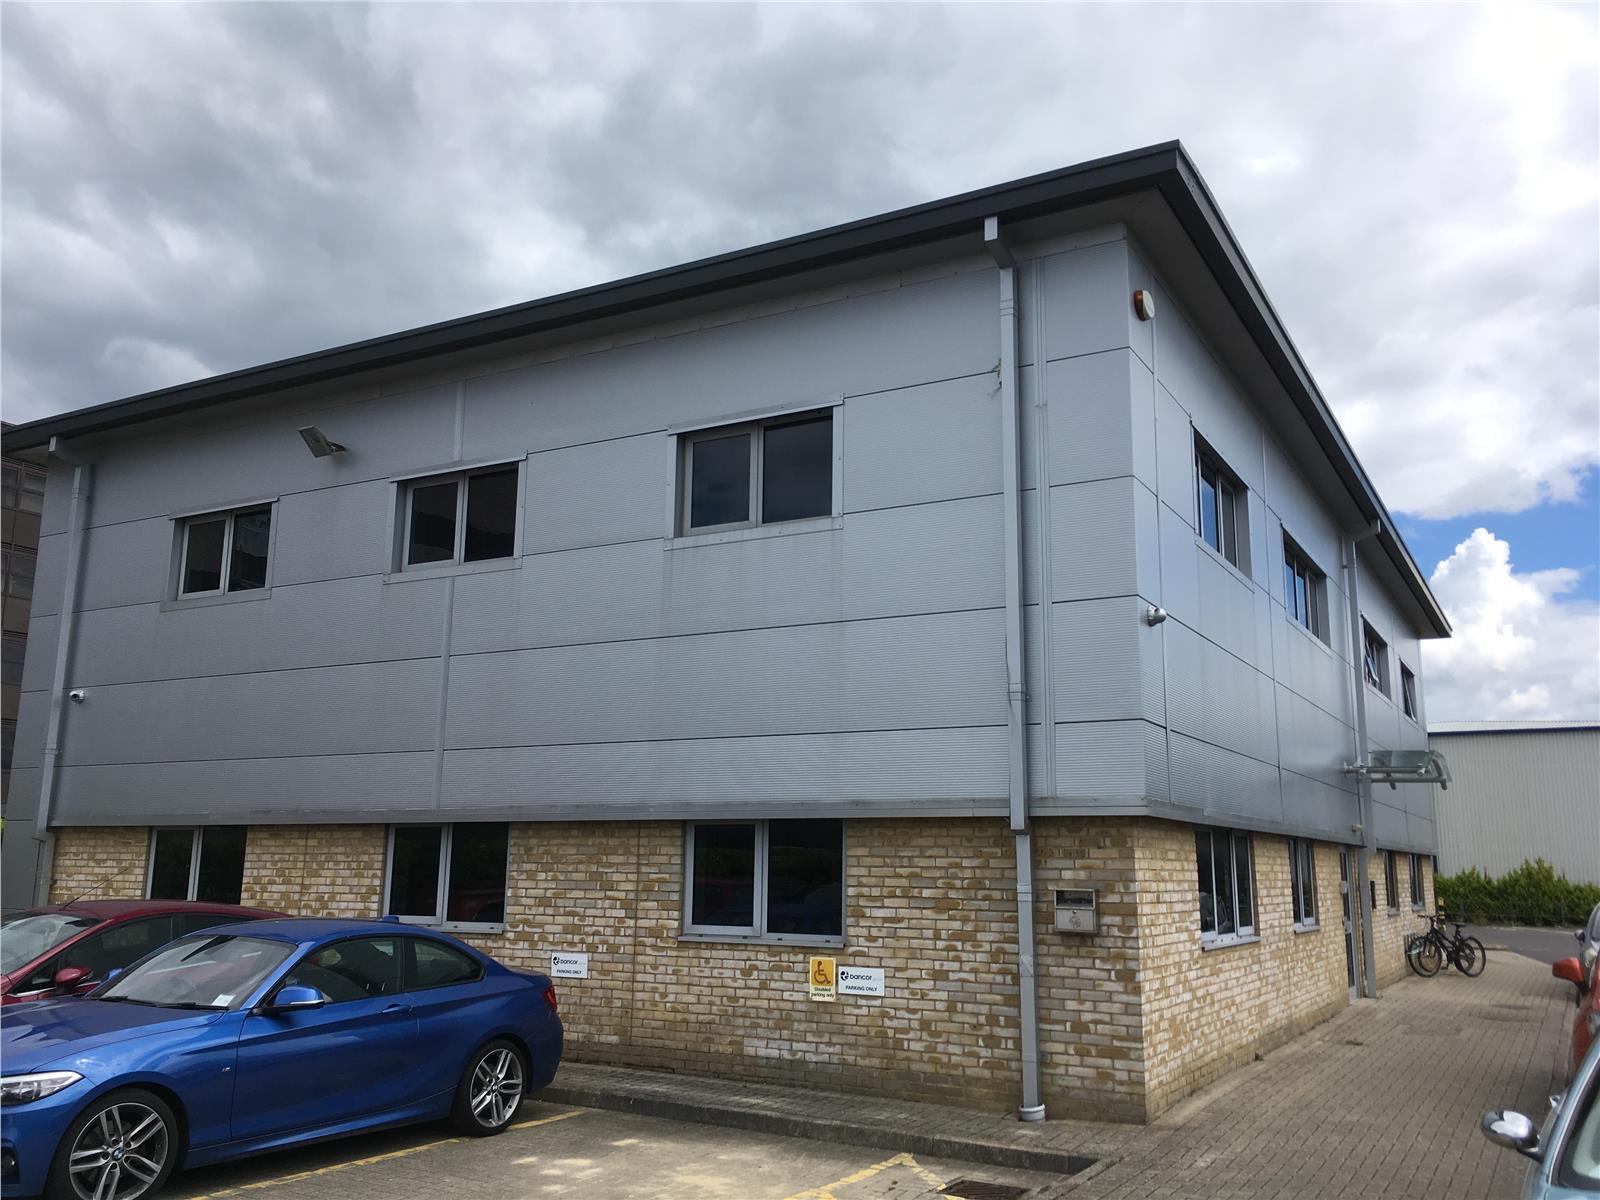 Segensworth Business Centre Segensworth Road, Fareham, Hampshire, PO15 5RQ